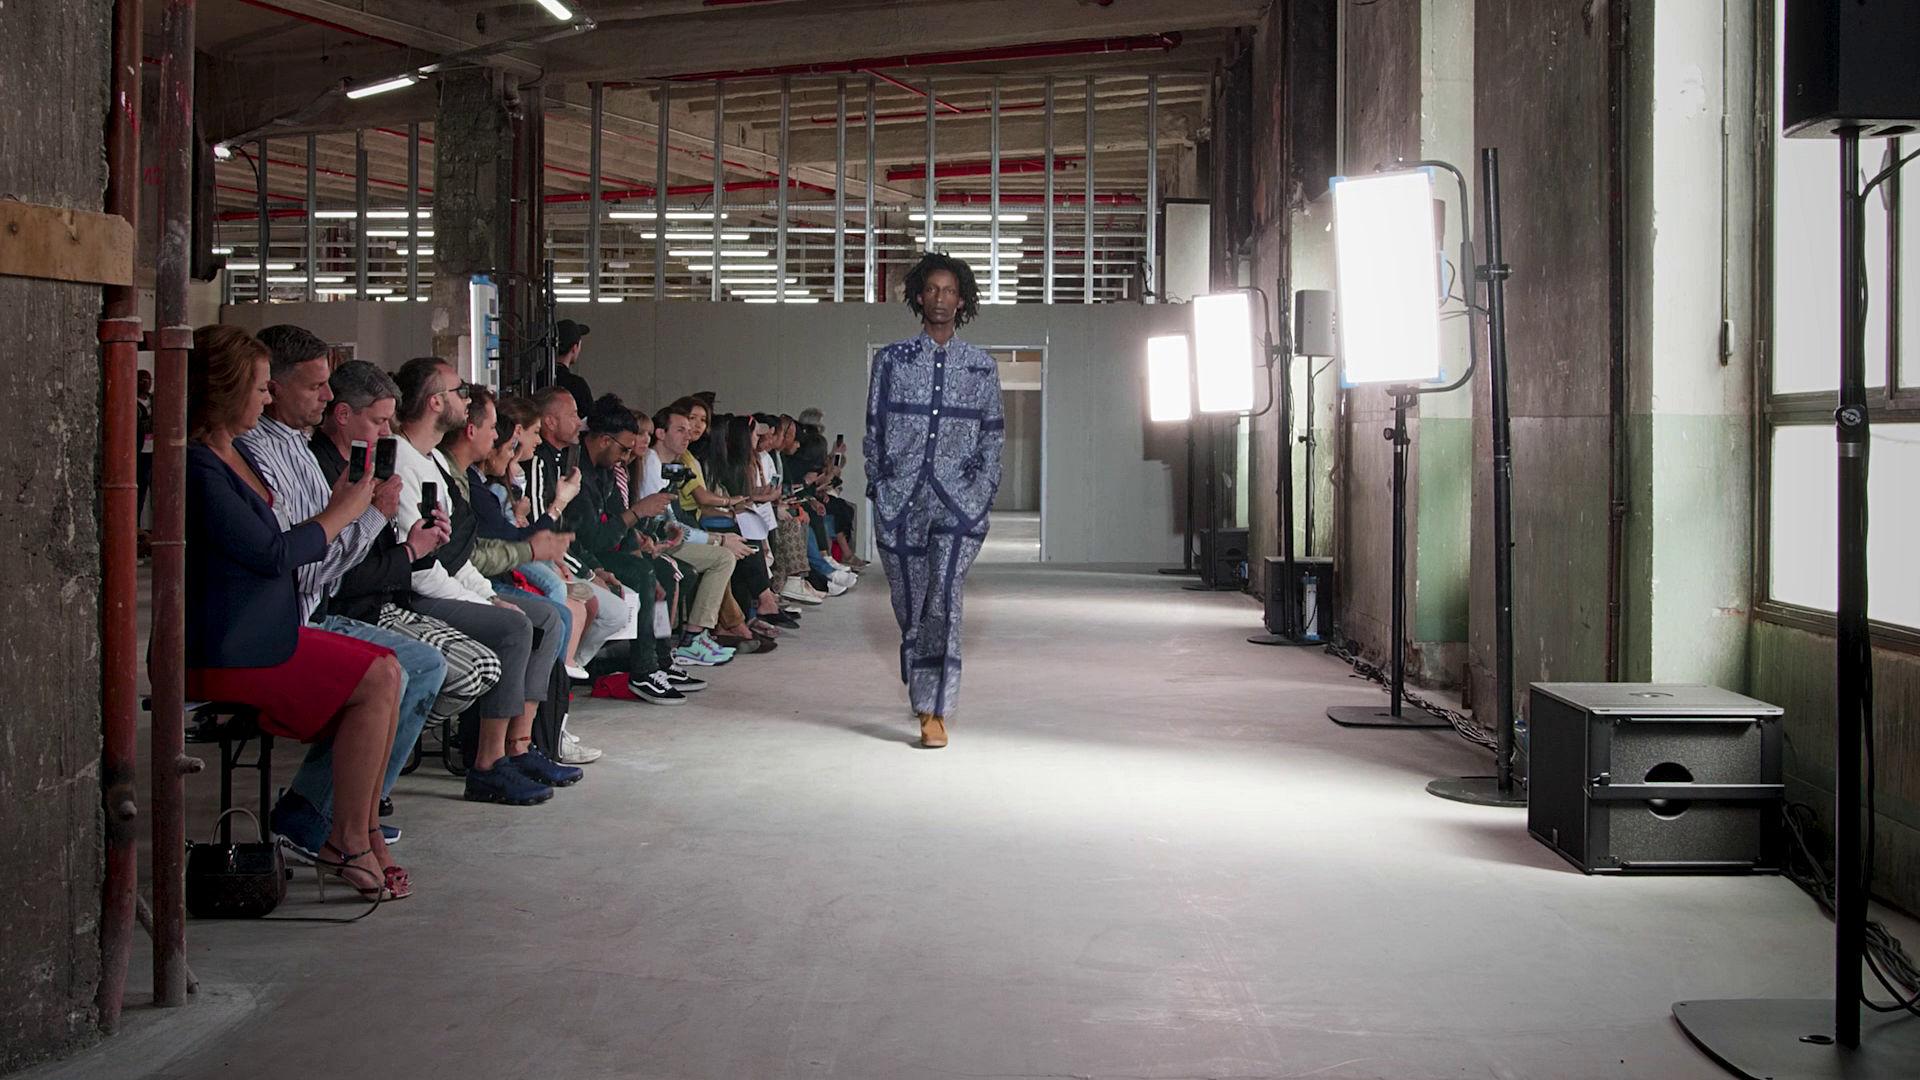 Études Spring Summer Collection 2019 - Paris Fashion Show